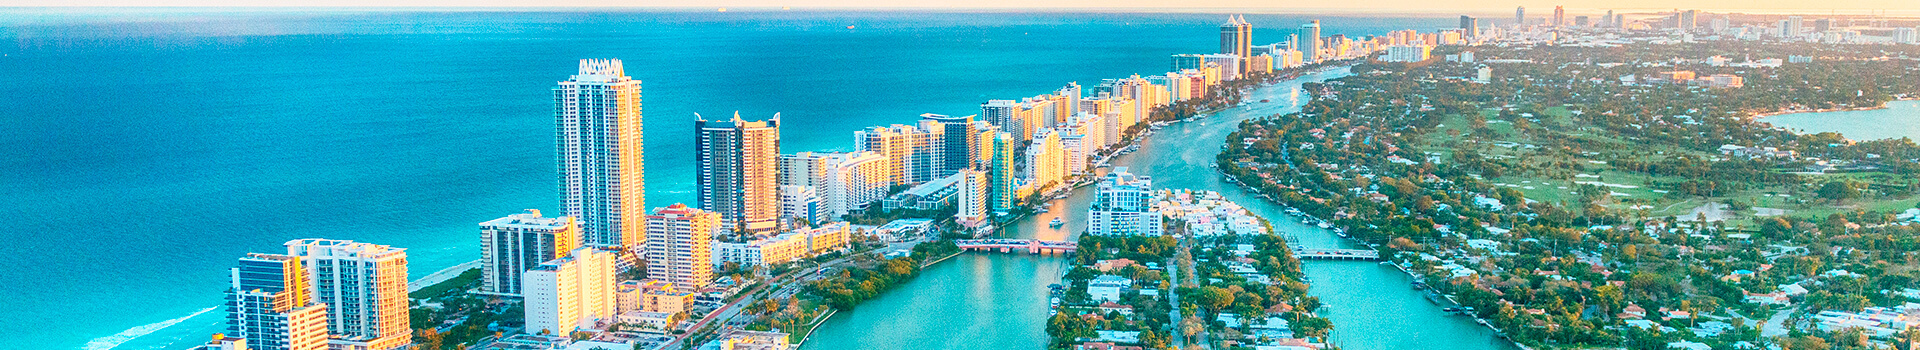 USA – Florida